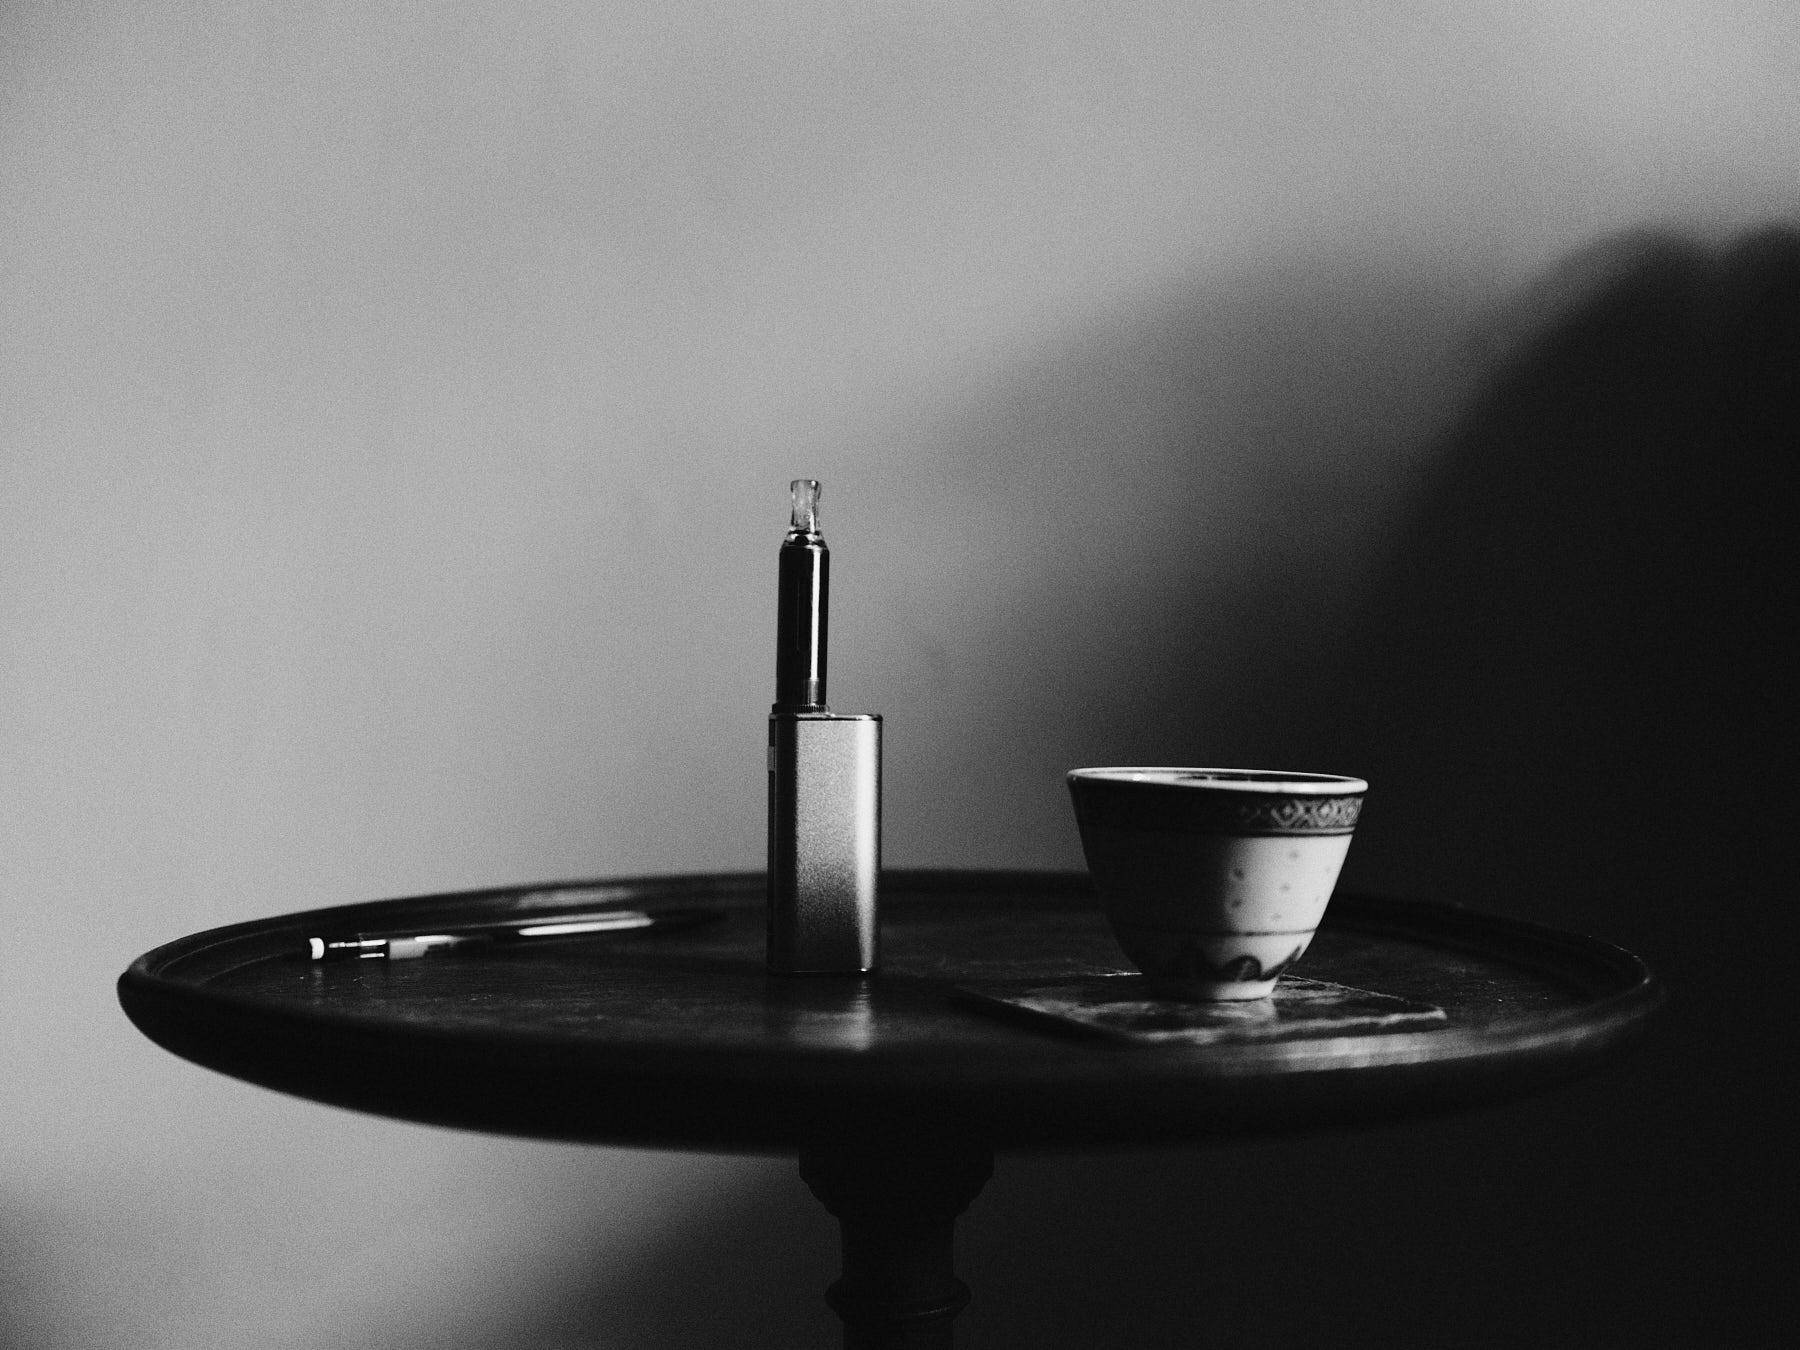 laROQUE-Dark-stolen-glances-005.jpg